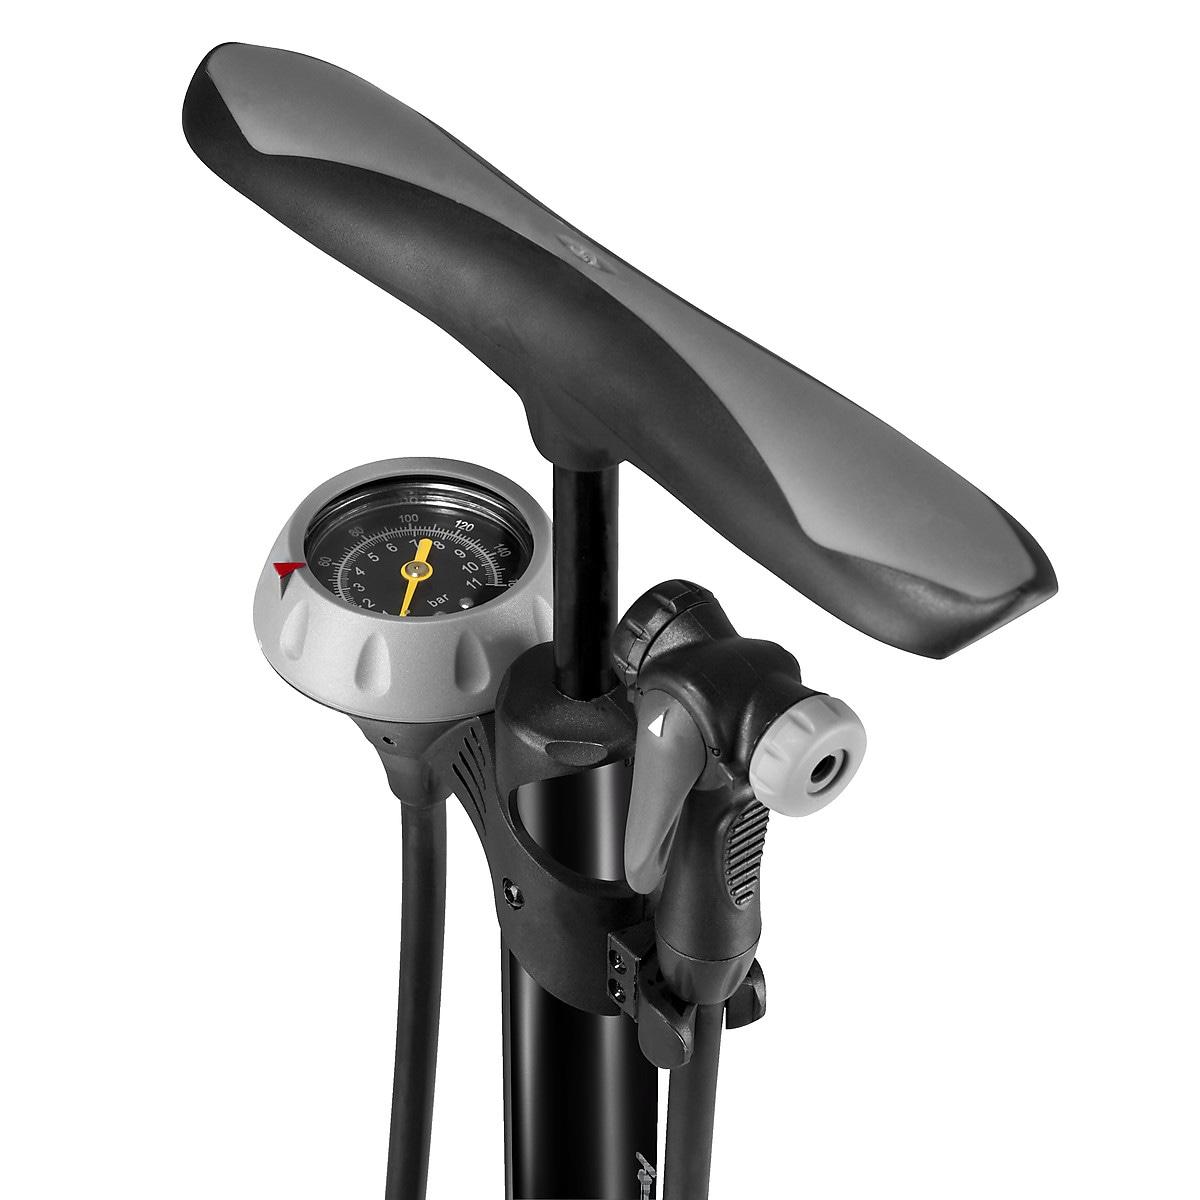 Cykelpump med tryckmätare, Asaklitt